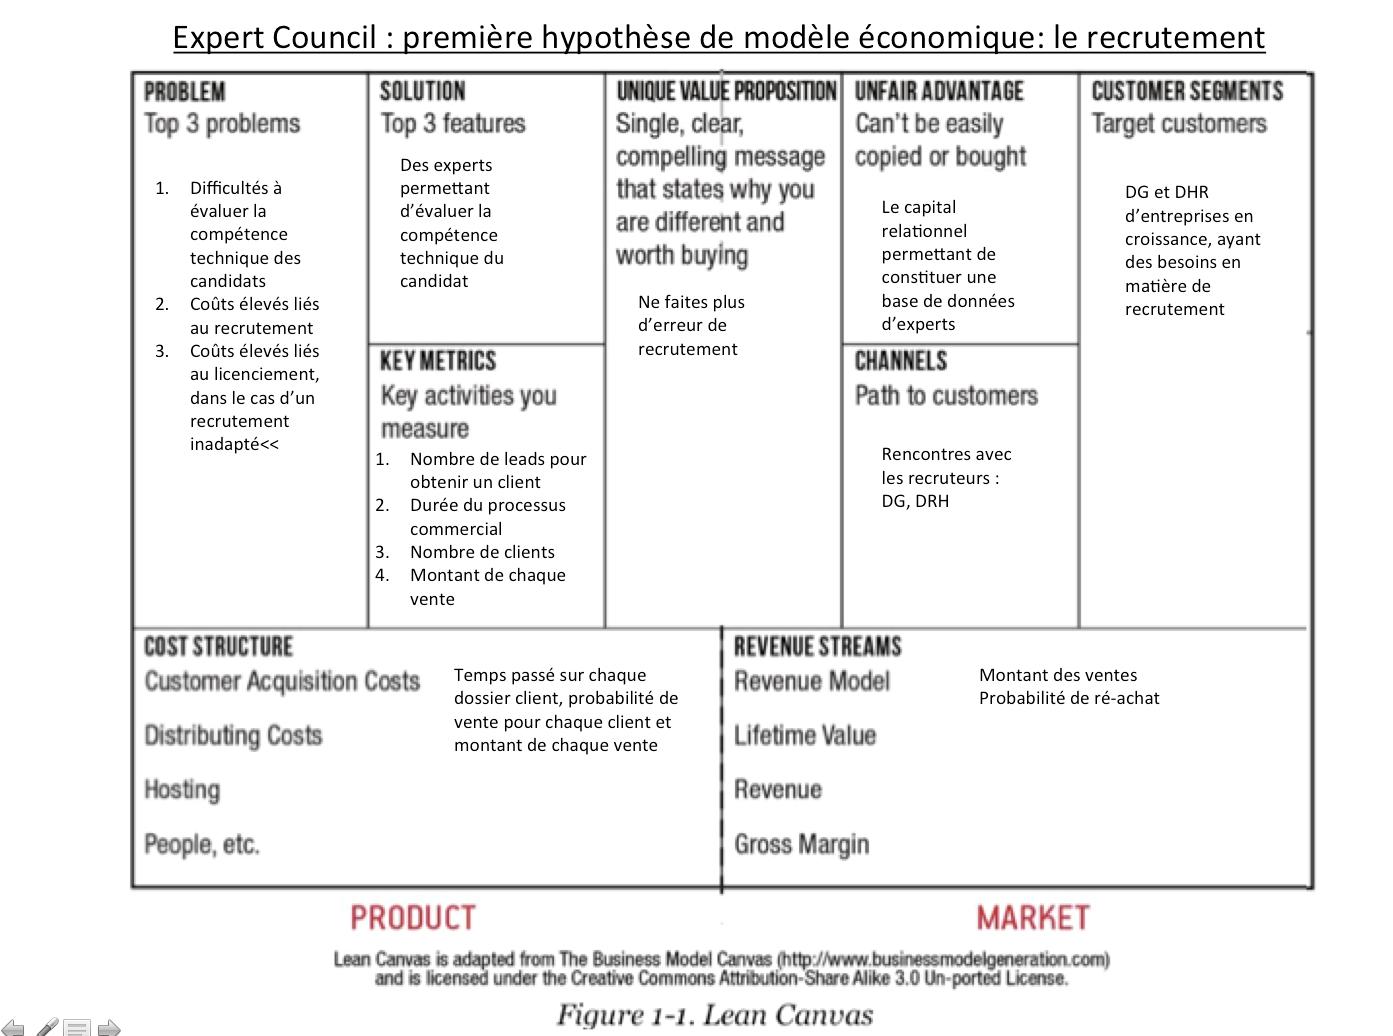 """Le """"Lean Canevas"""" du premier modèle économique d'Expert Council"""